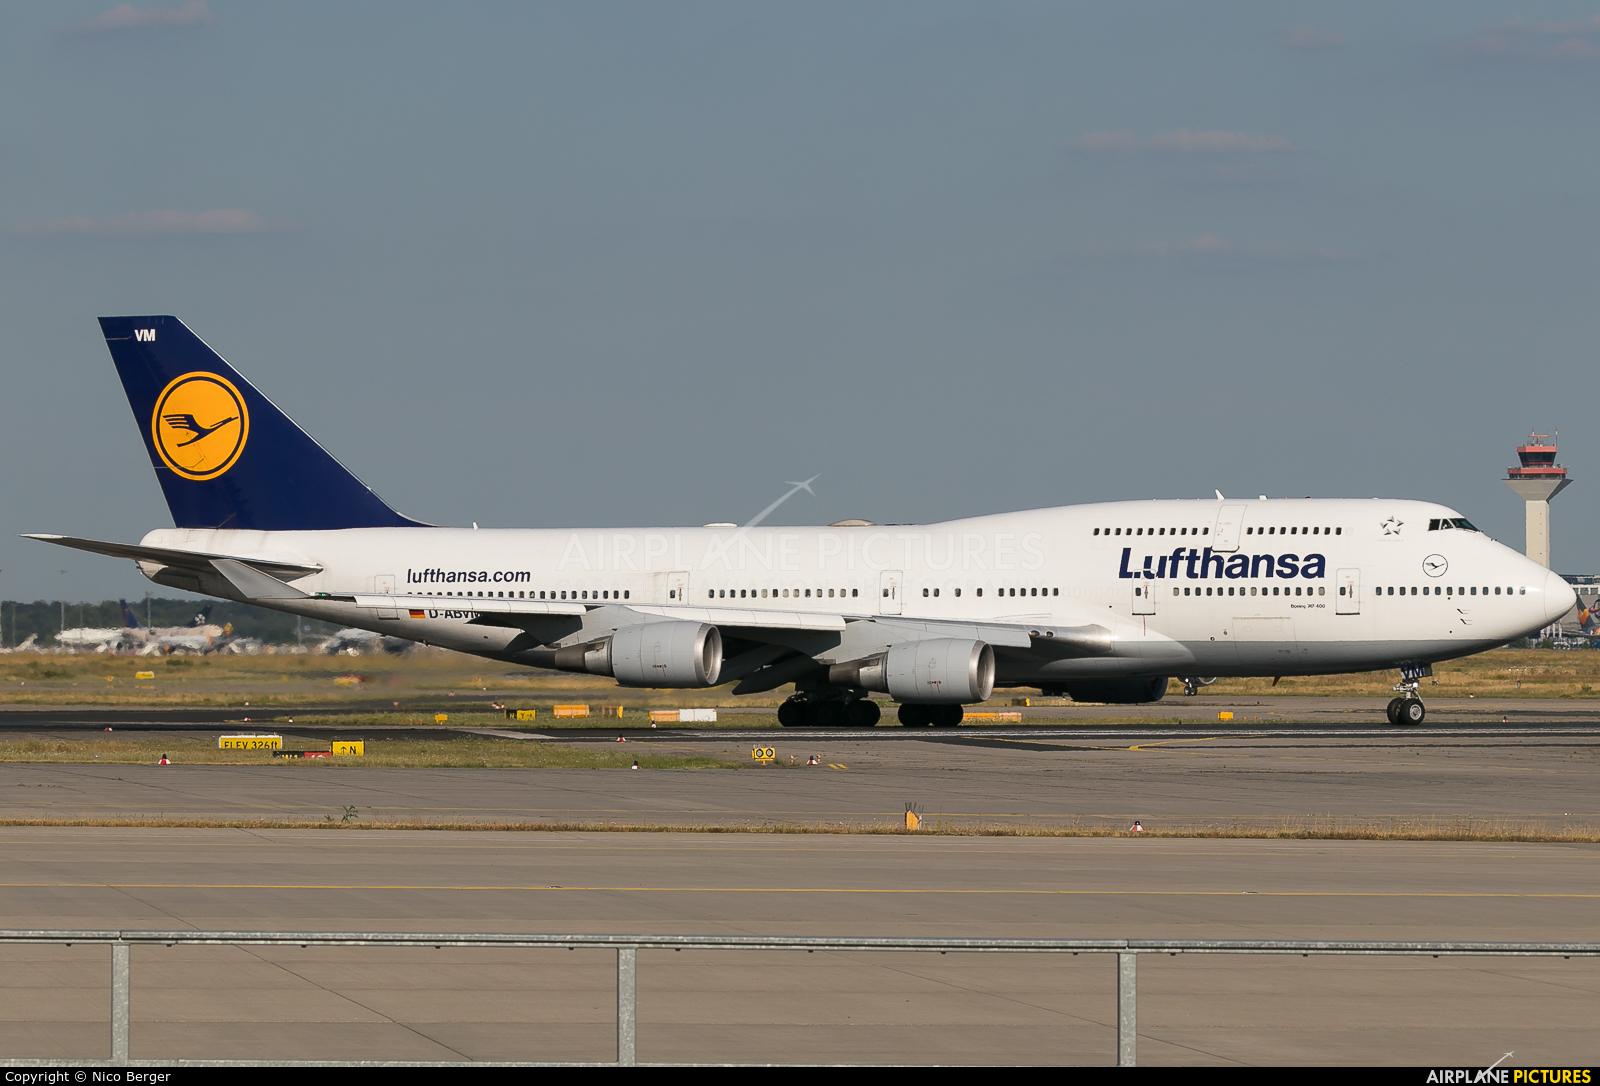 Lufthansa D-ABVM aircraft at Frankfurt